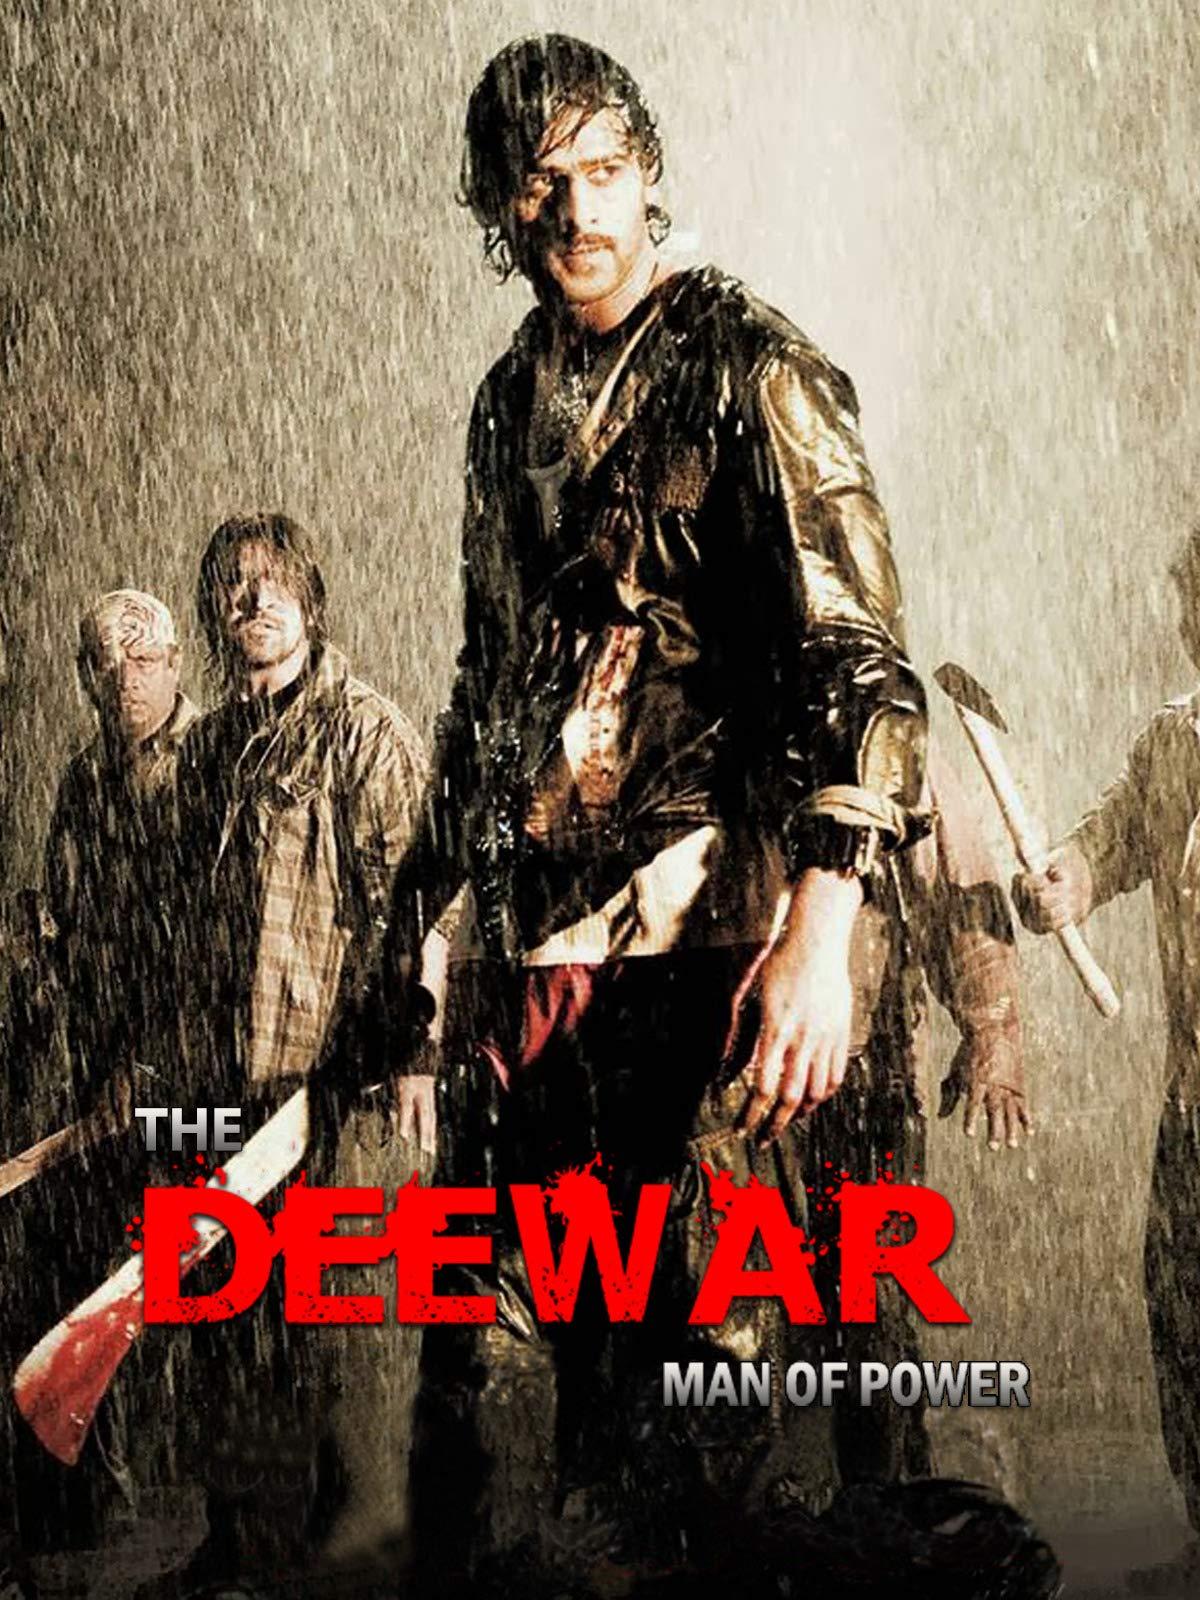 The Deewar Man Of Power